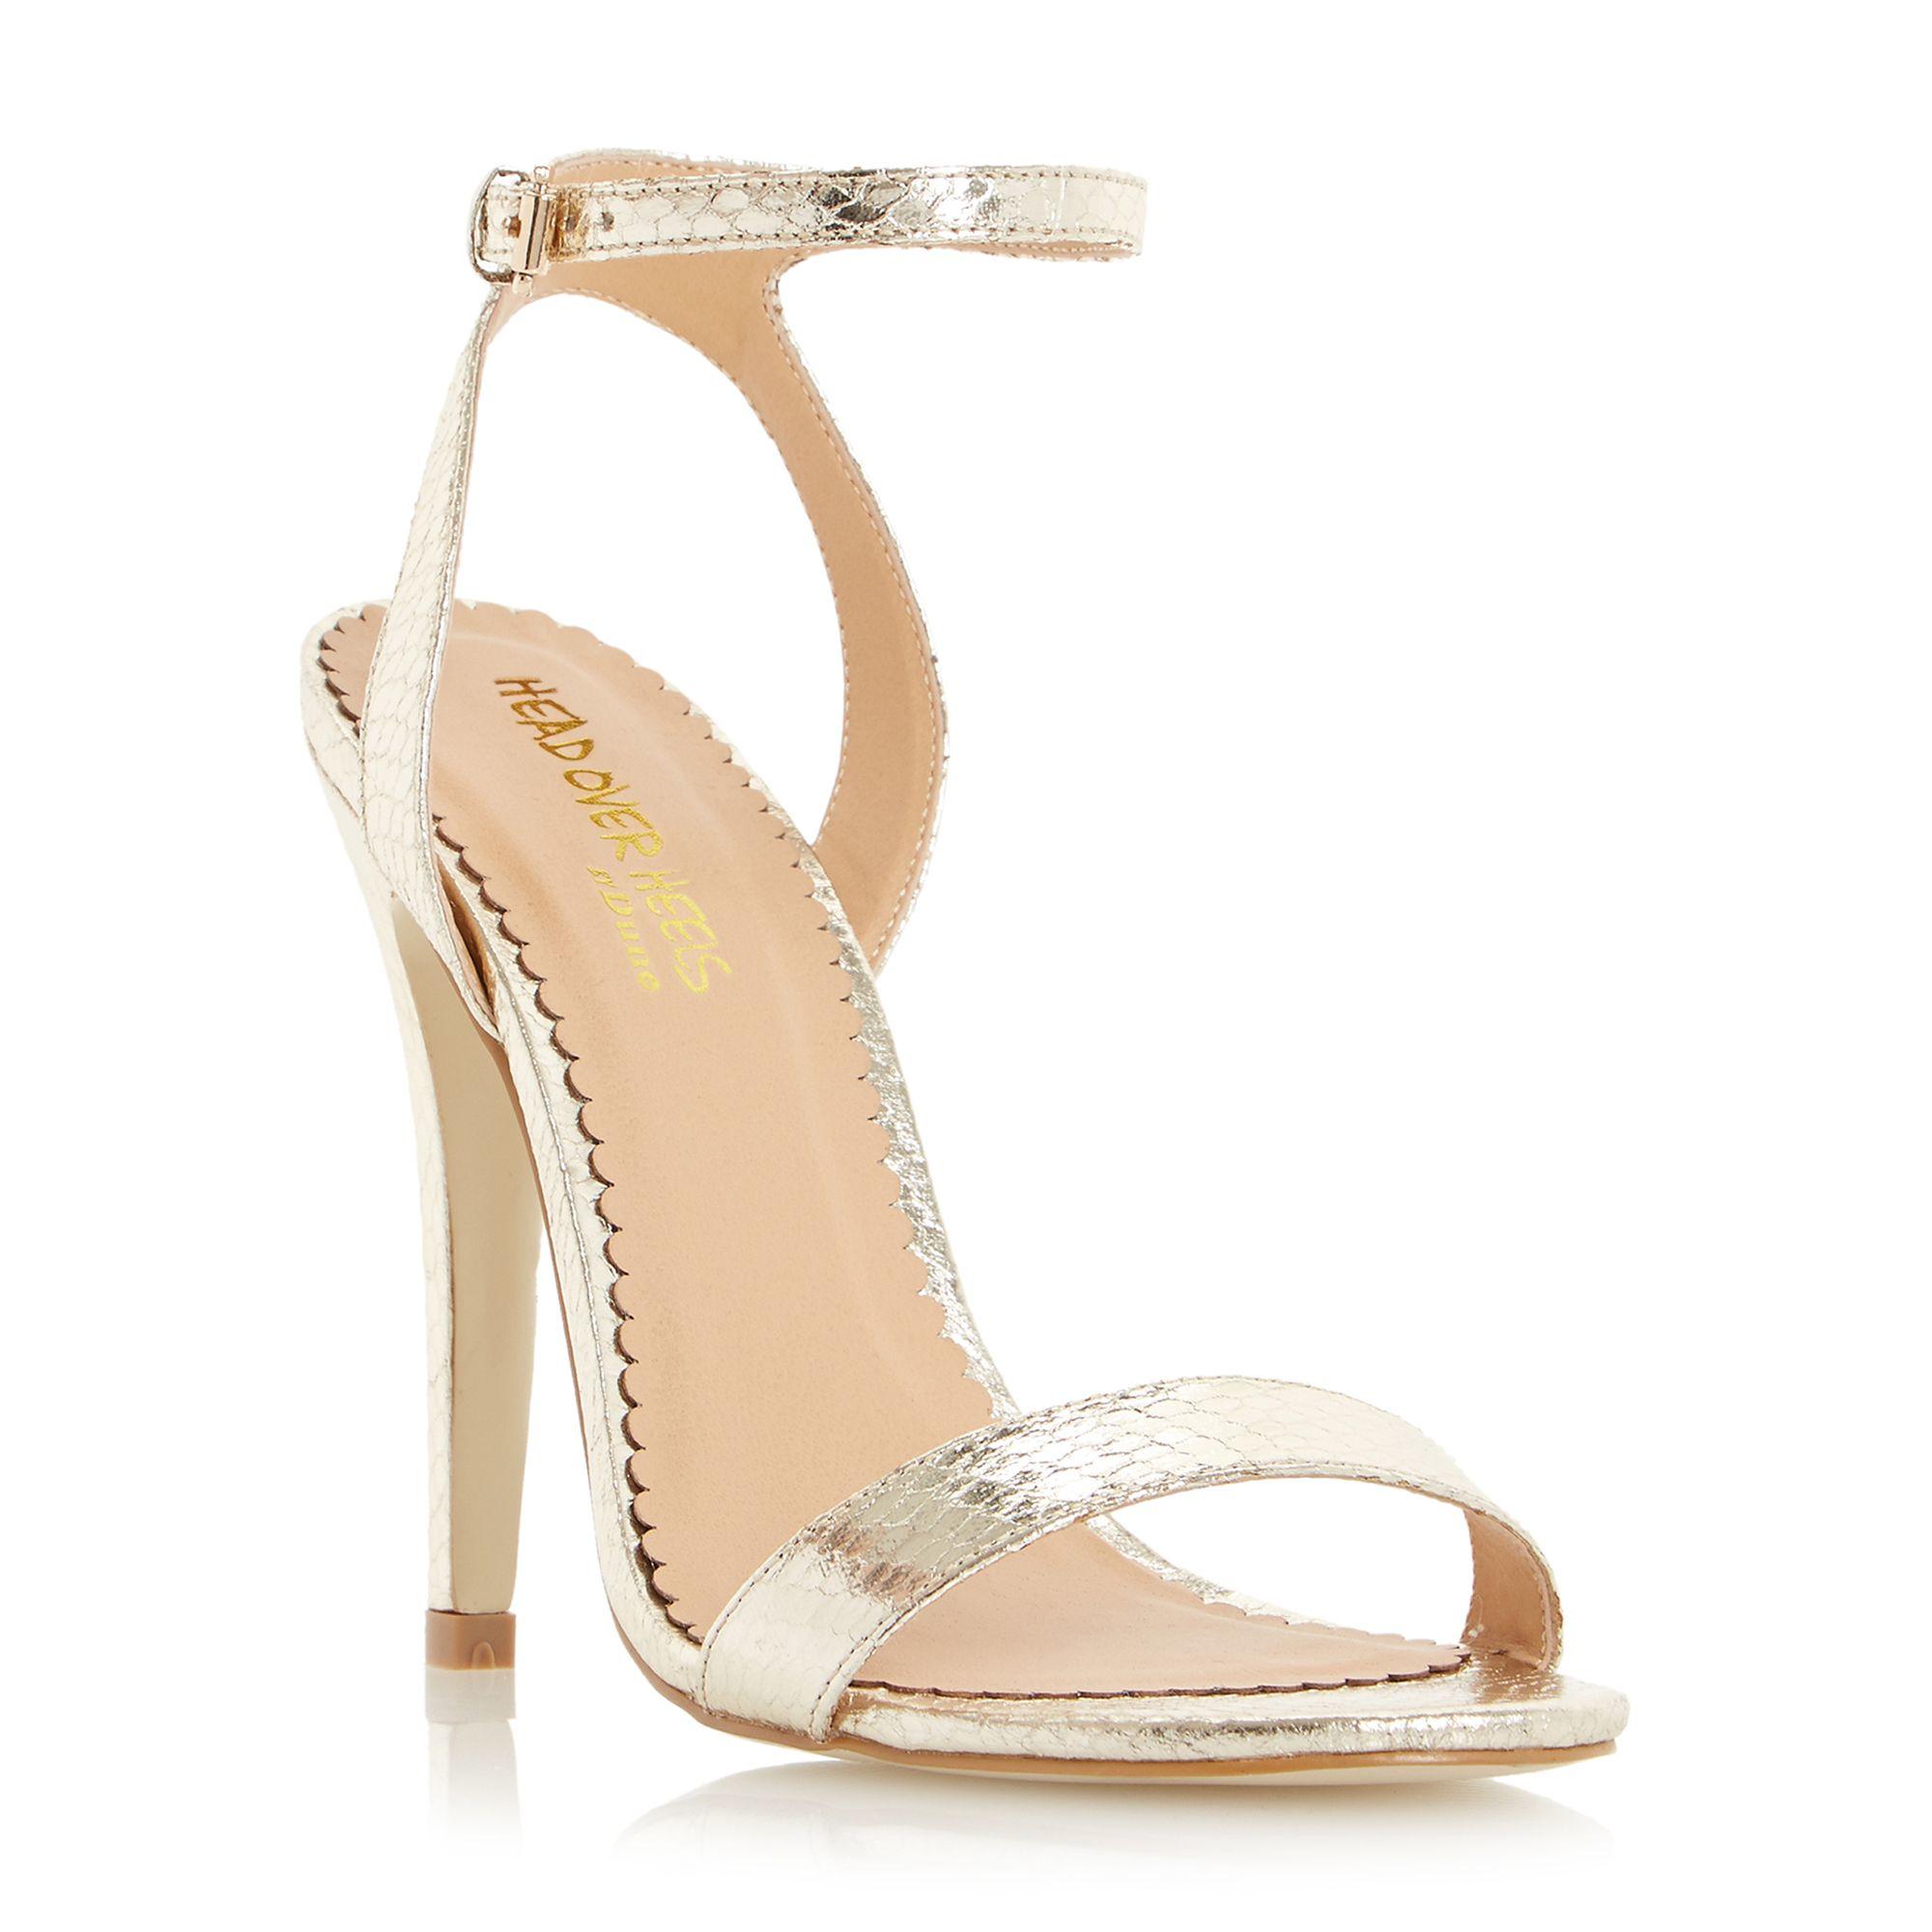 Gold Strappy Sandals Heels - Is Heel